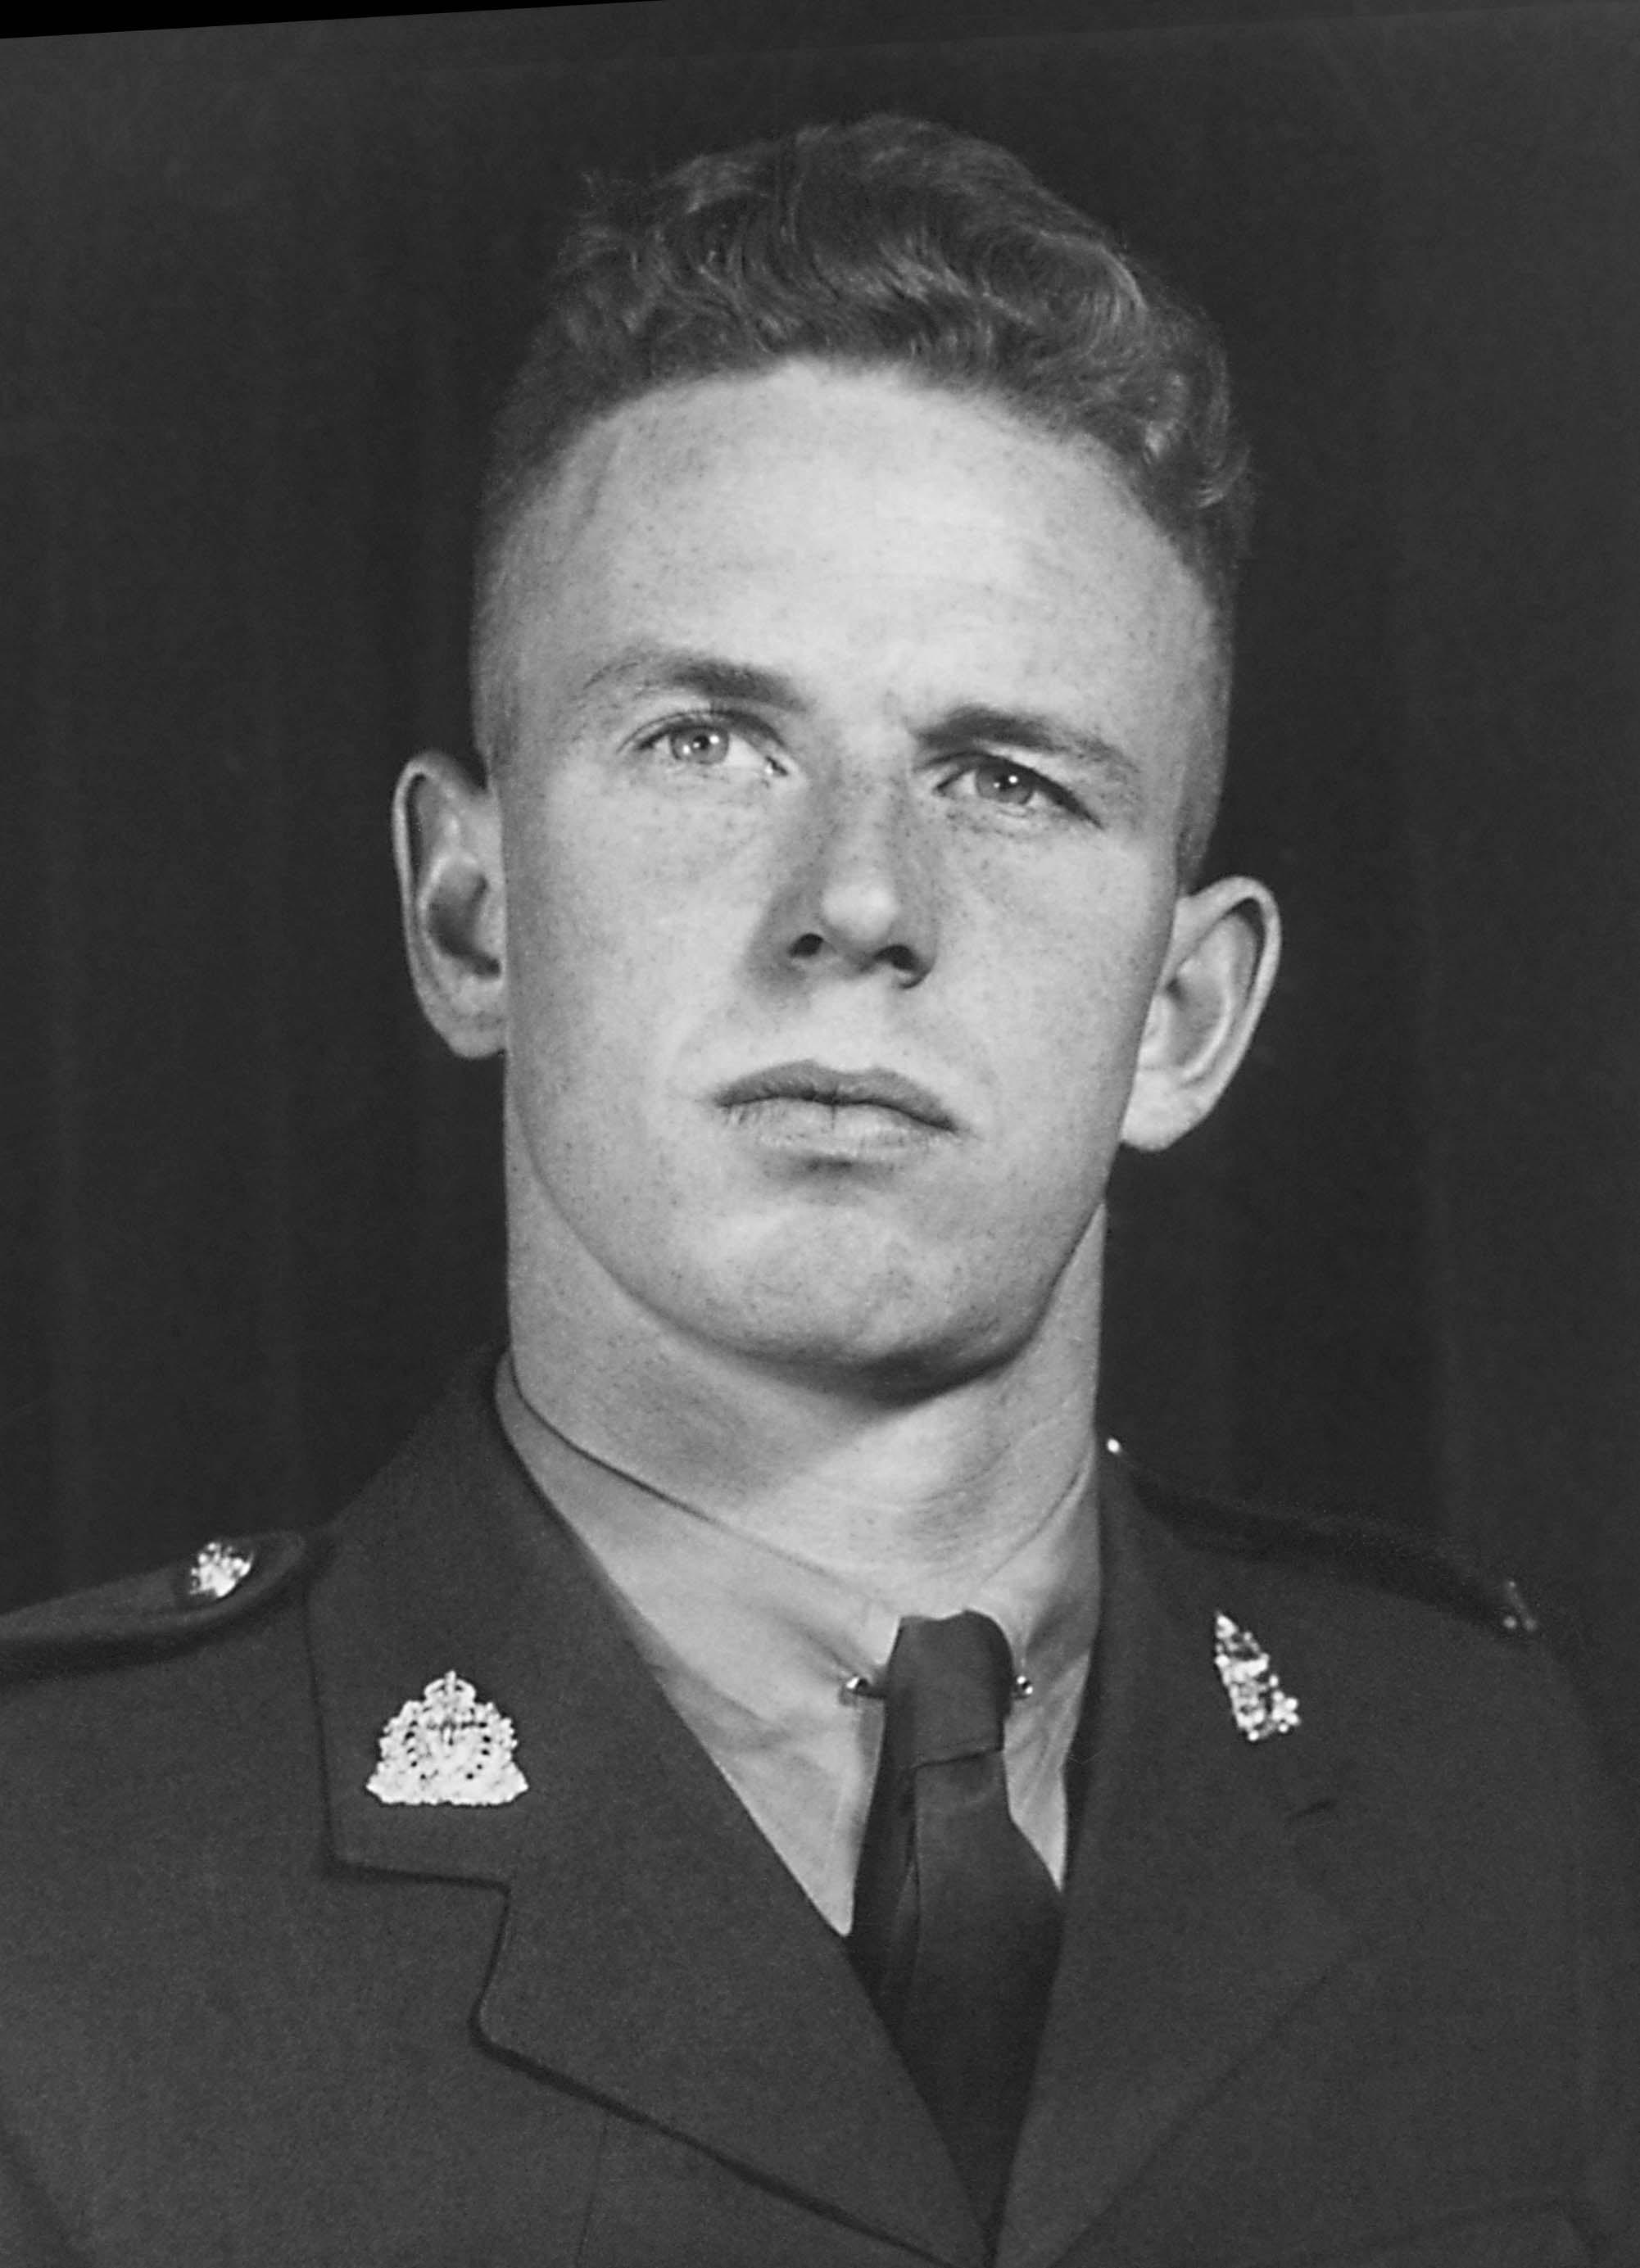 Gendarme Douglas Earl Ferguson – © Sa Majesté la Reine du chef du Canada représentée par la Gendarmerie royale du Canada